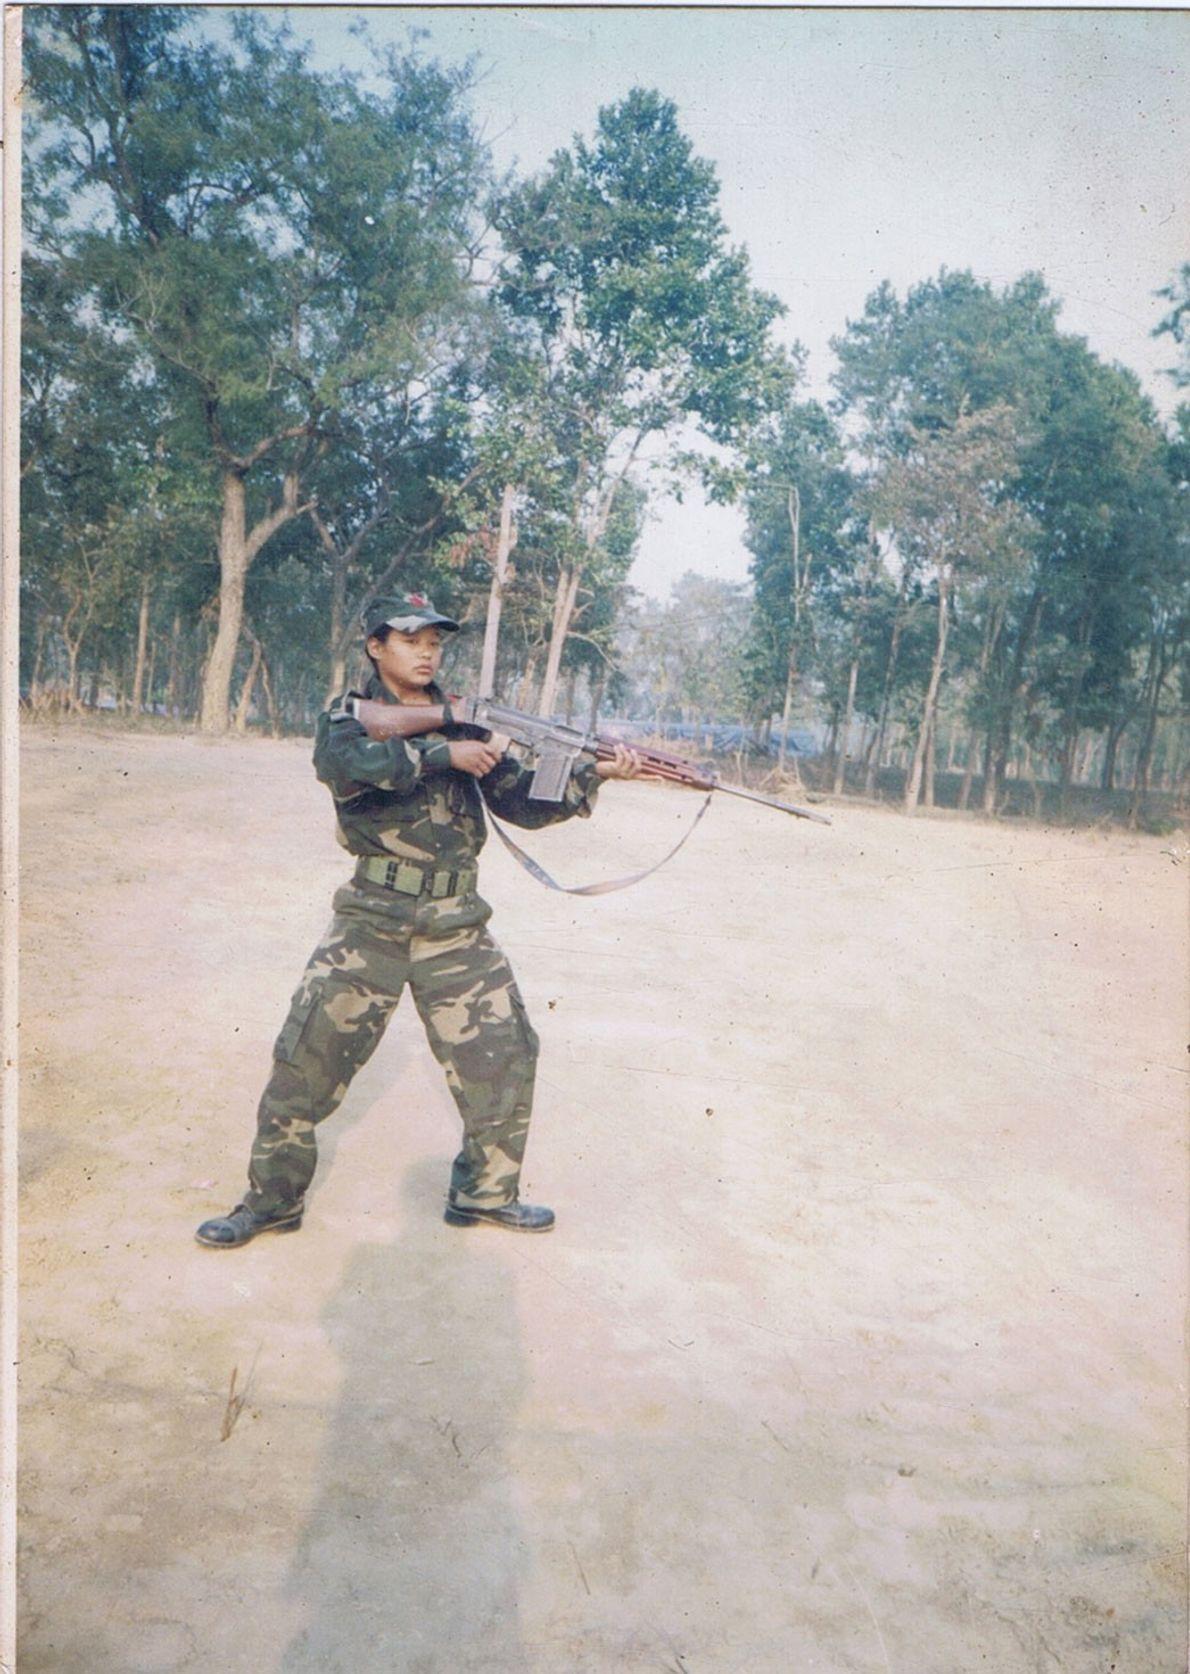 Imagen de Mira Rai cuando era soldado